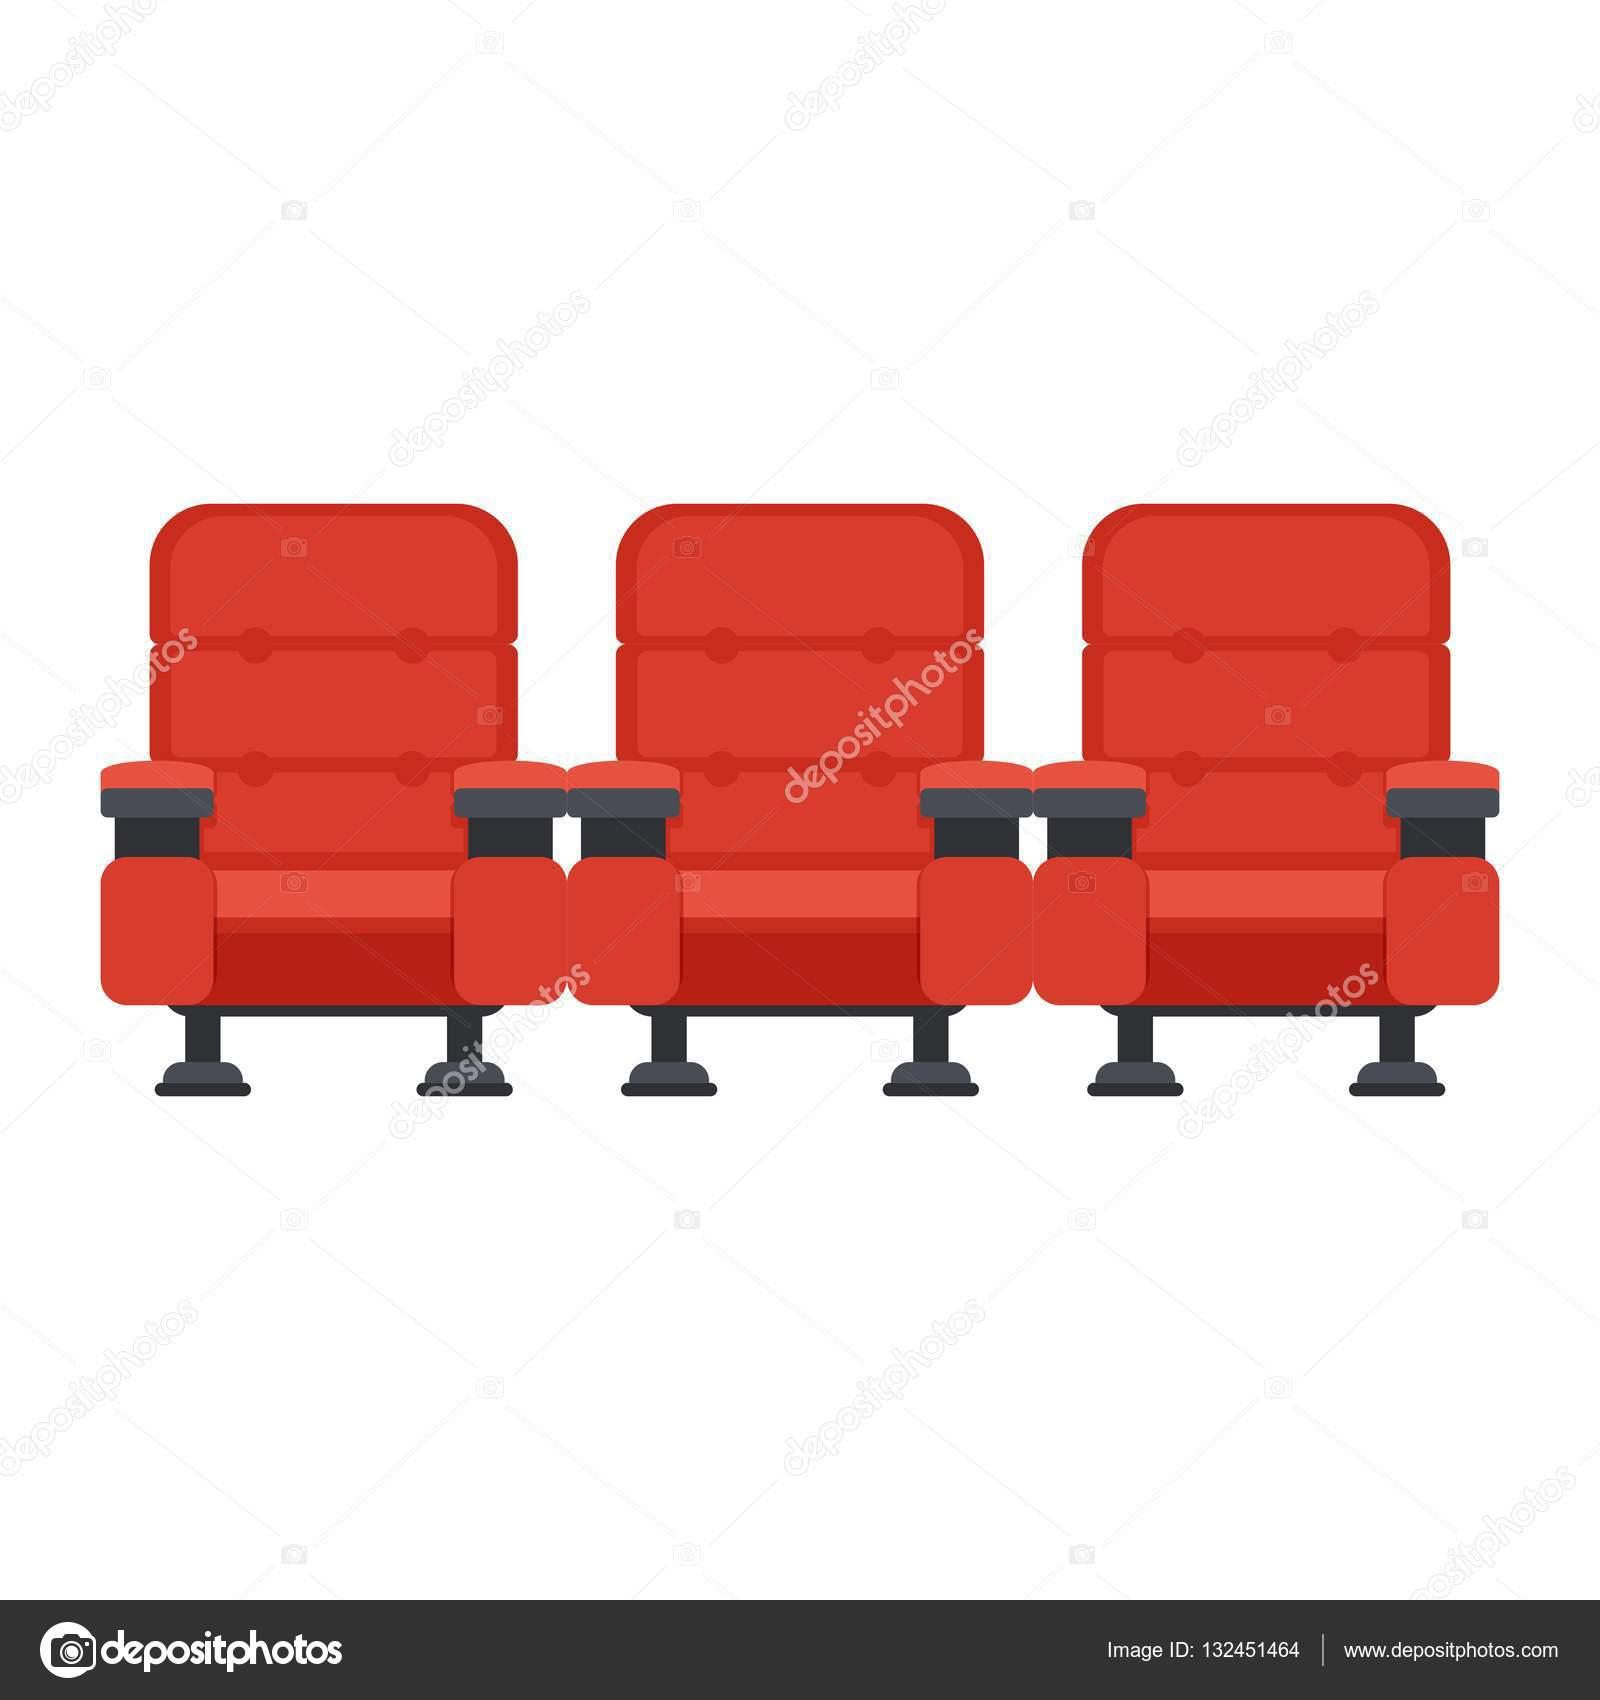 chaises de cin ma rouge image vectorielle quarta 132451464. Black Bedroom Furniture Sets. Home Design Ideas